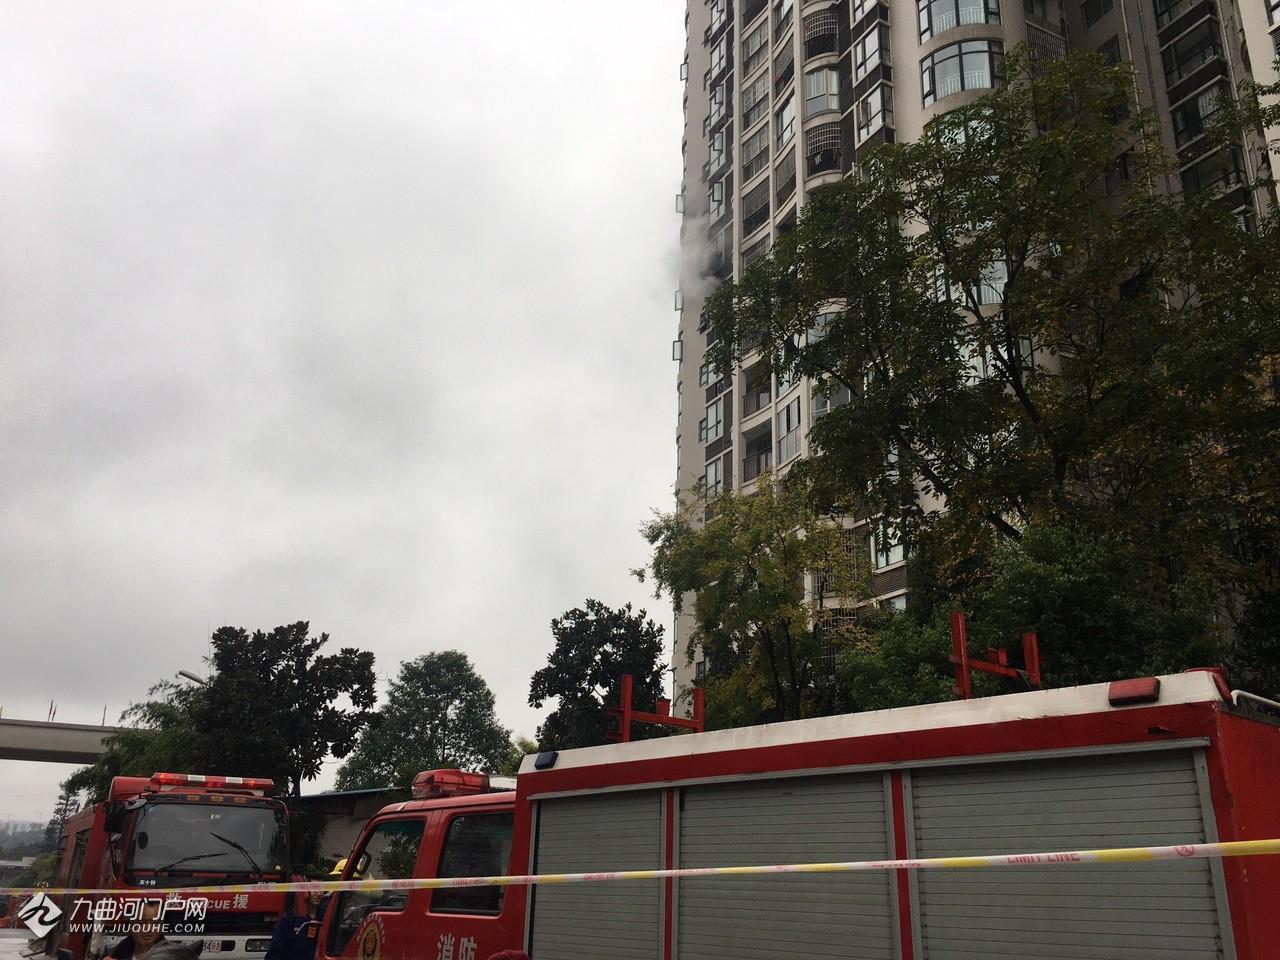 资阳世纪城桂花苑一高楼住家发生火灾,窗外看到明火燃烧,消防车已赶往现场... ... ... ... ... ... ... .. ...